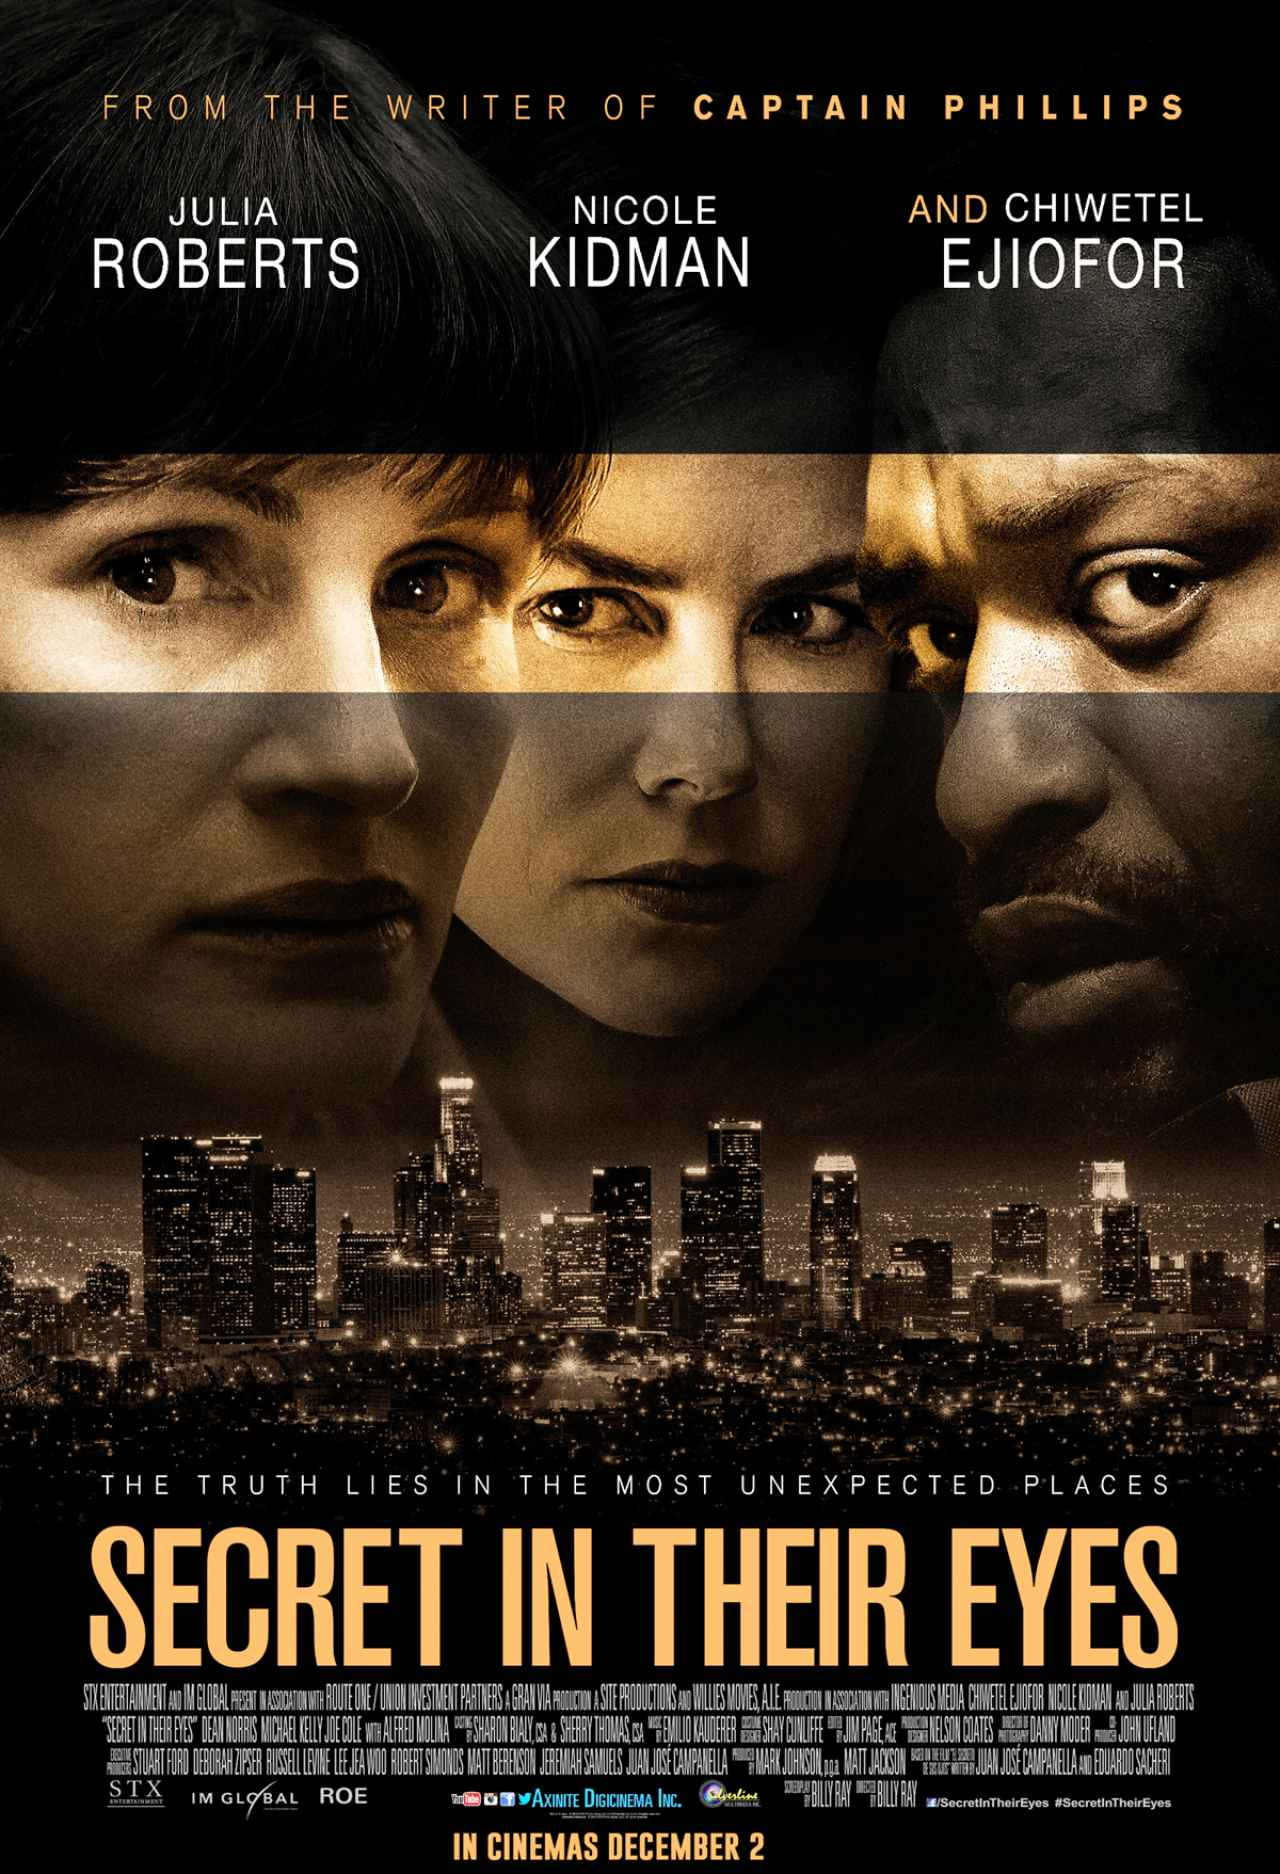 画像: http://pop.inquirer.net/2015/11/best-foreign-language-film-adapted-in-2015s-secret-in-their-eyes/